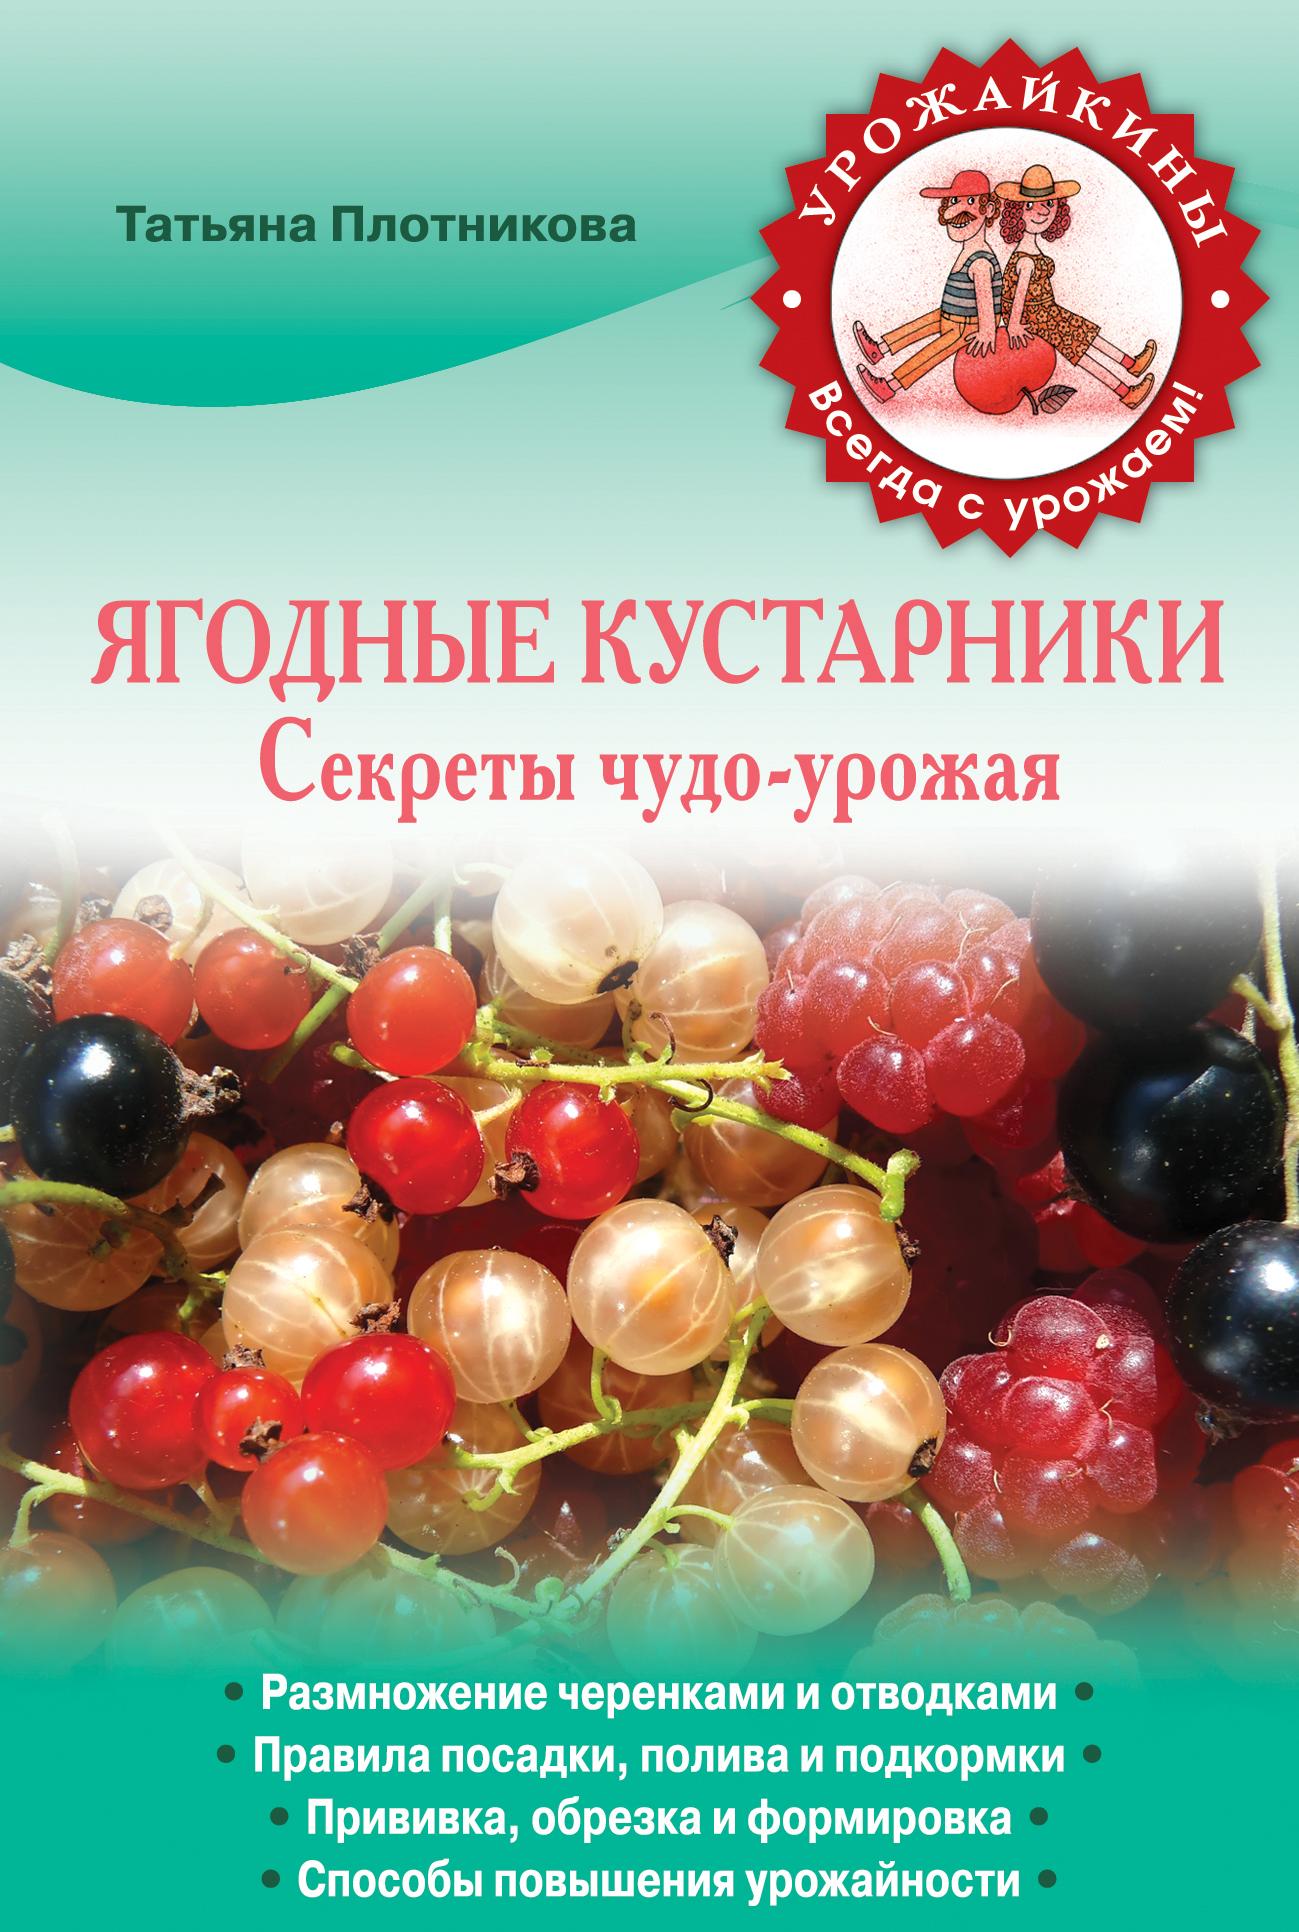 Ягодные кустарники. Секреты чудо-урожая ( Плотникова Т.Ф.  )